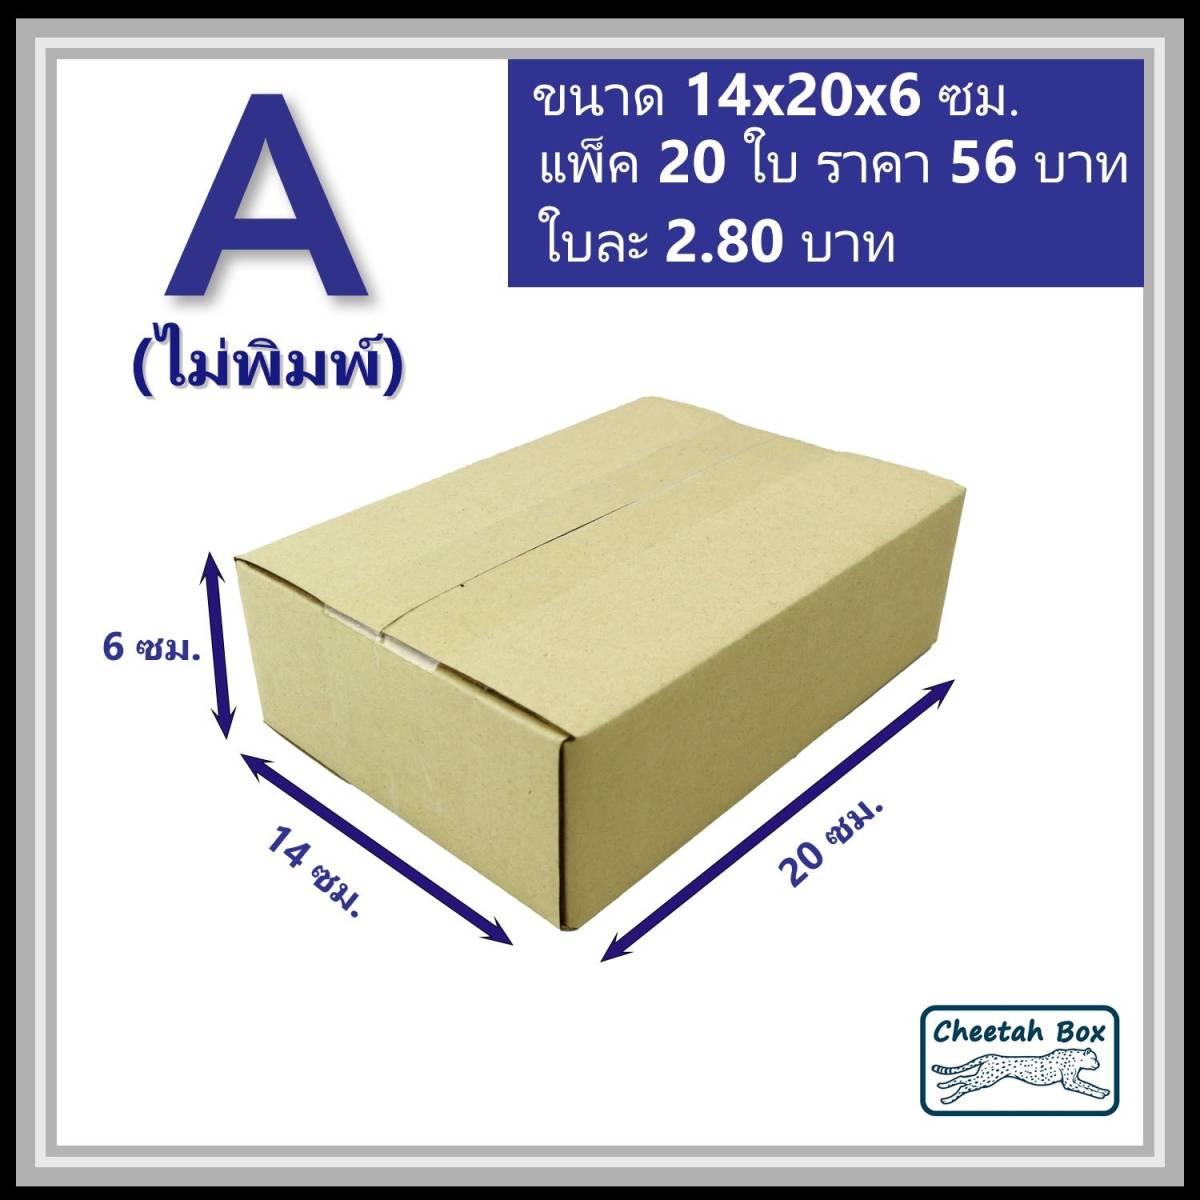 กล่องไปรษณีย์ A ไม่พิมพ์ (Cheetah Box ขนาด 14*20*6 CM)